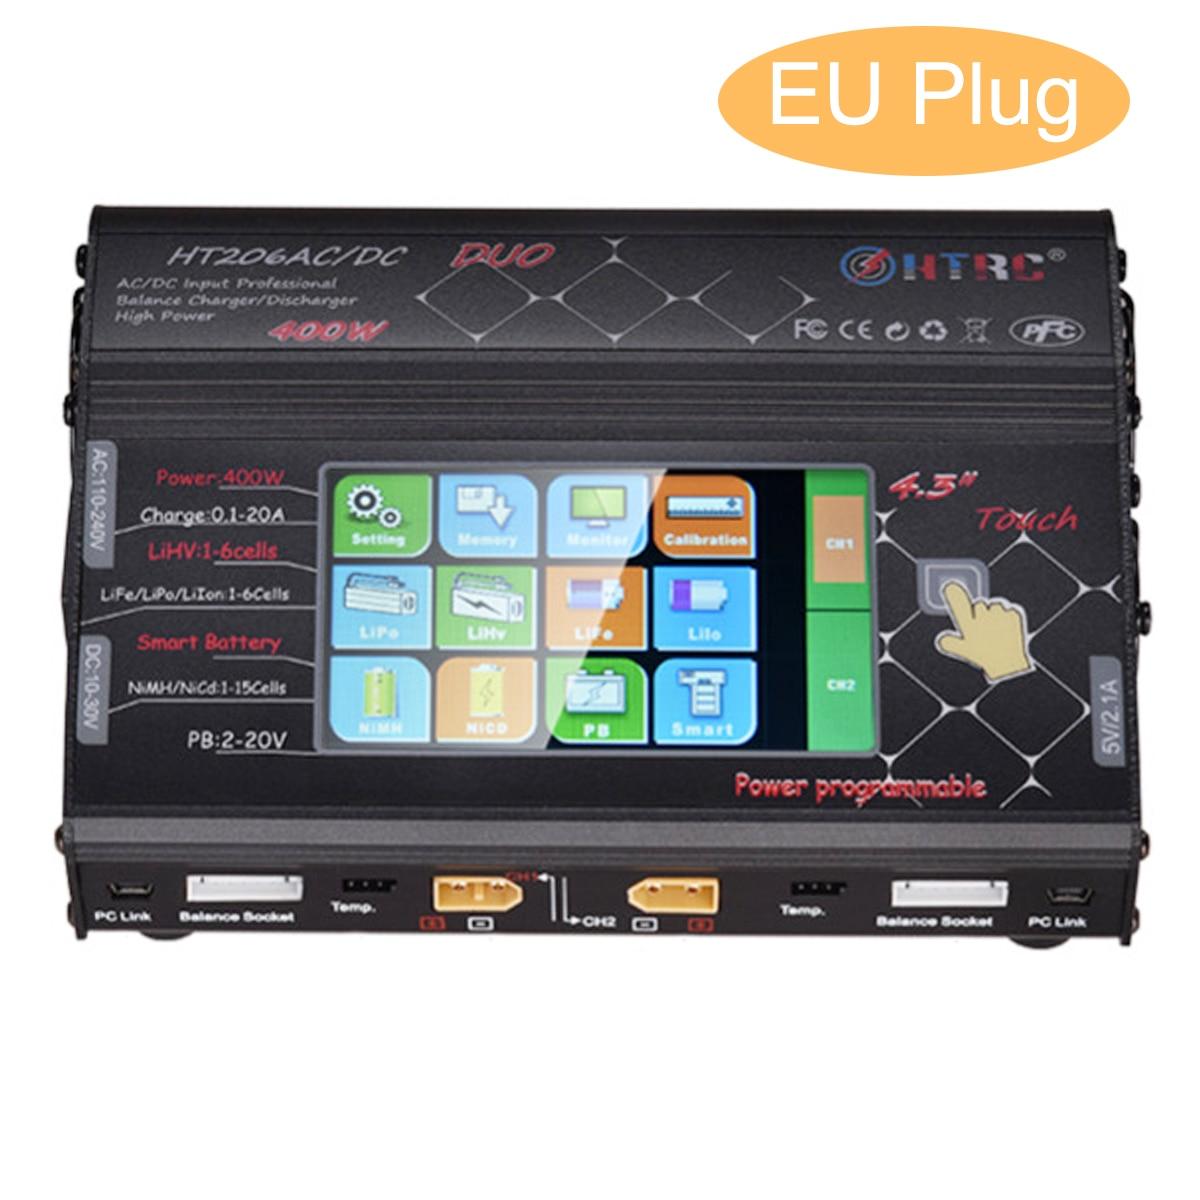 2018 Nouveau HTRC HT206 AC/DC écran tactile RC chargeur de balance pour batterie li-ion UE Plug